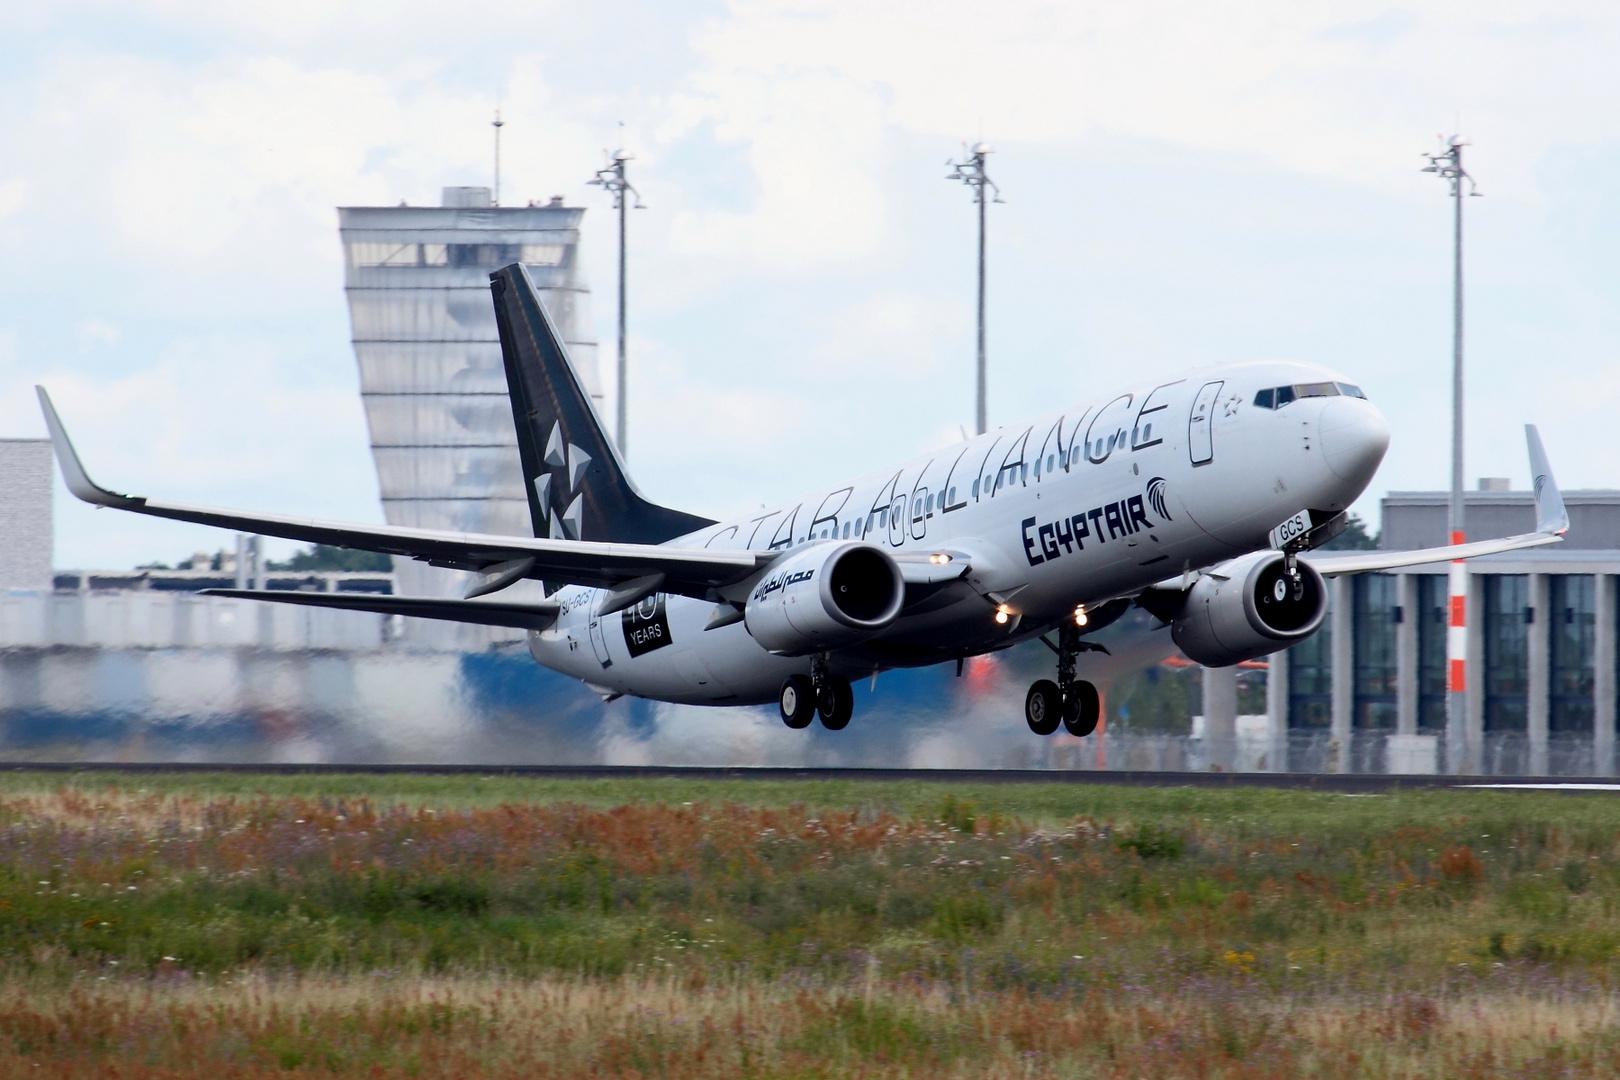 Egyptair Boeing 737-866/W *Star Alliance*